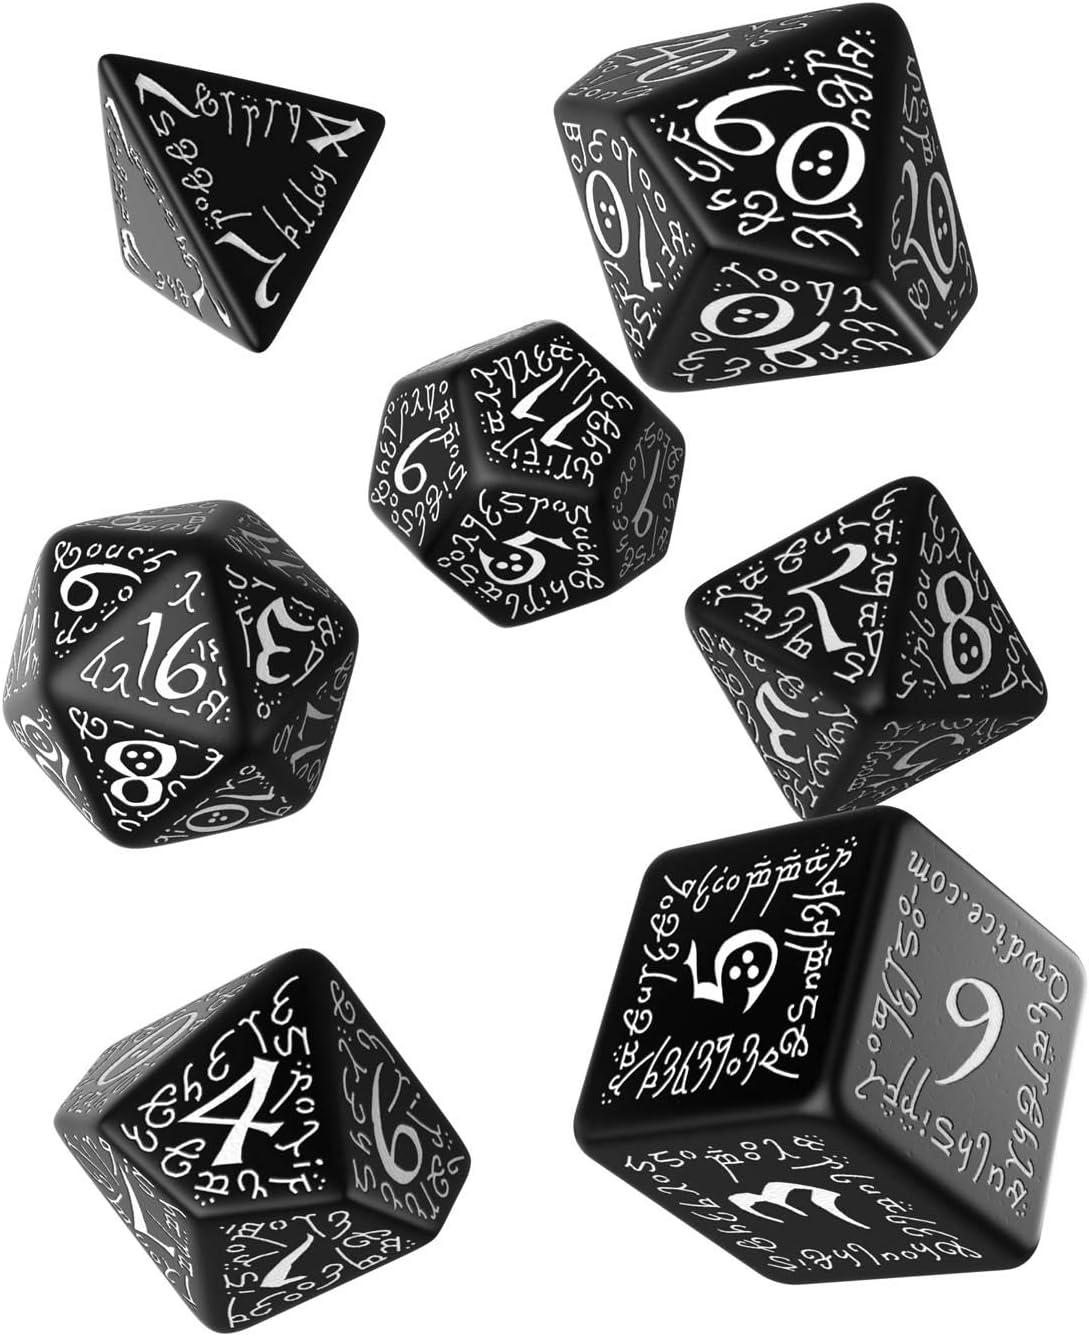 Schwarz Weiß Elfen Würfel Set Amazon De Spielzeug